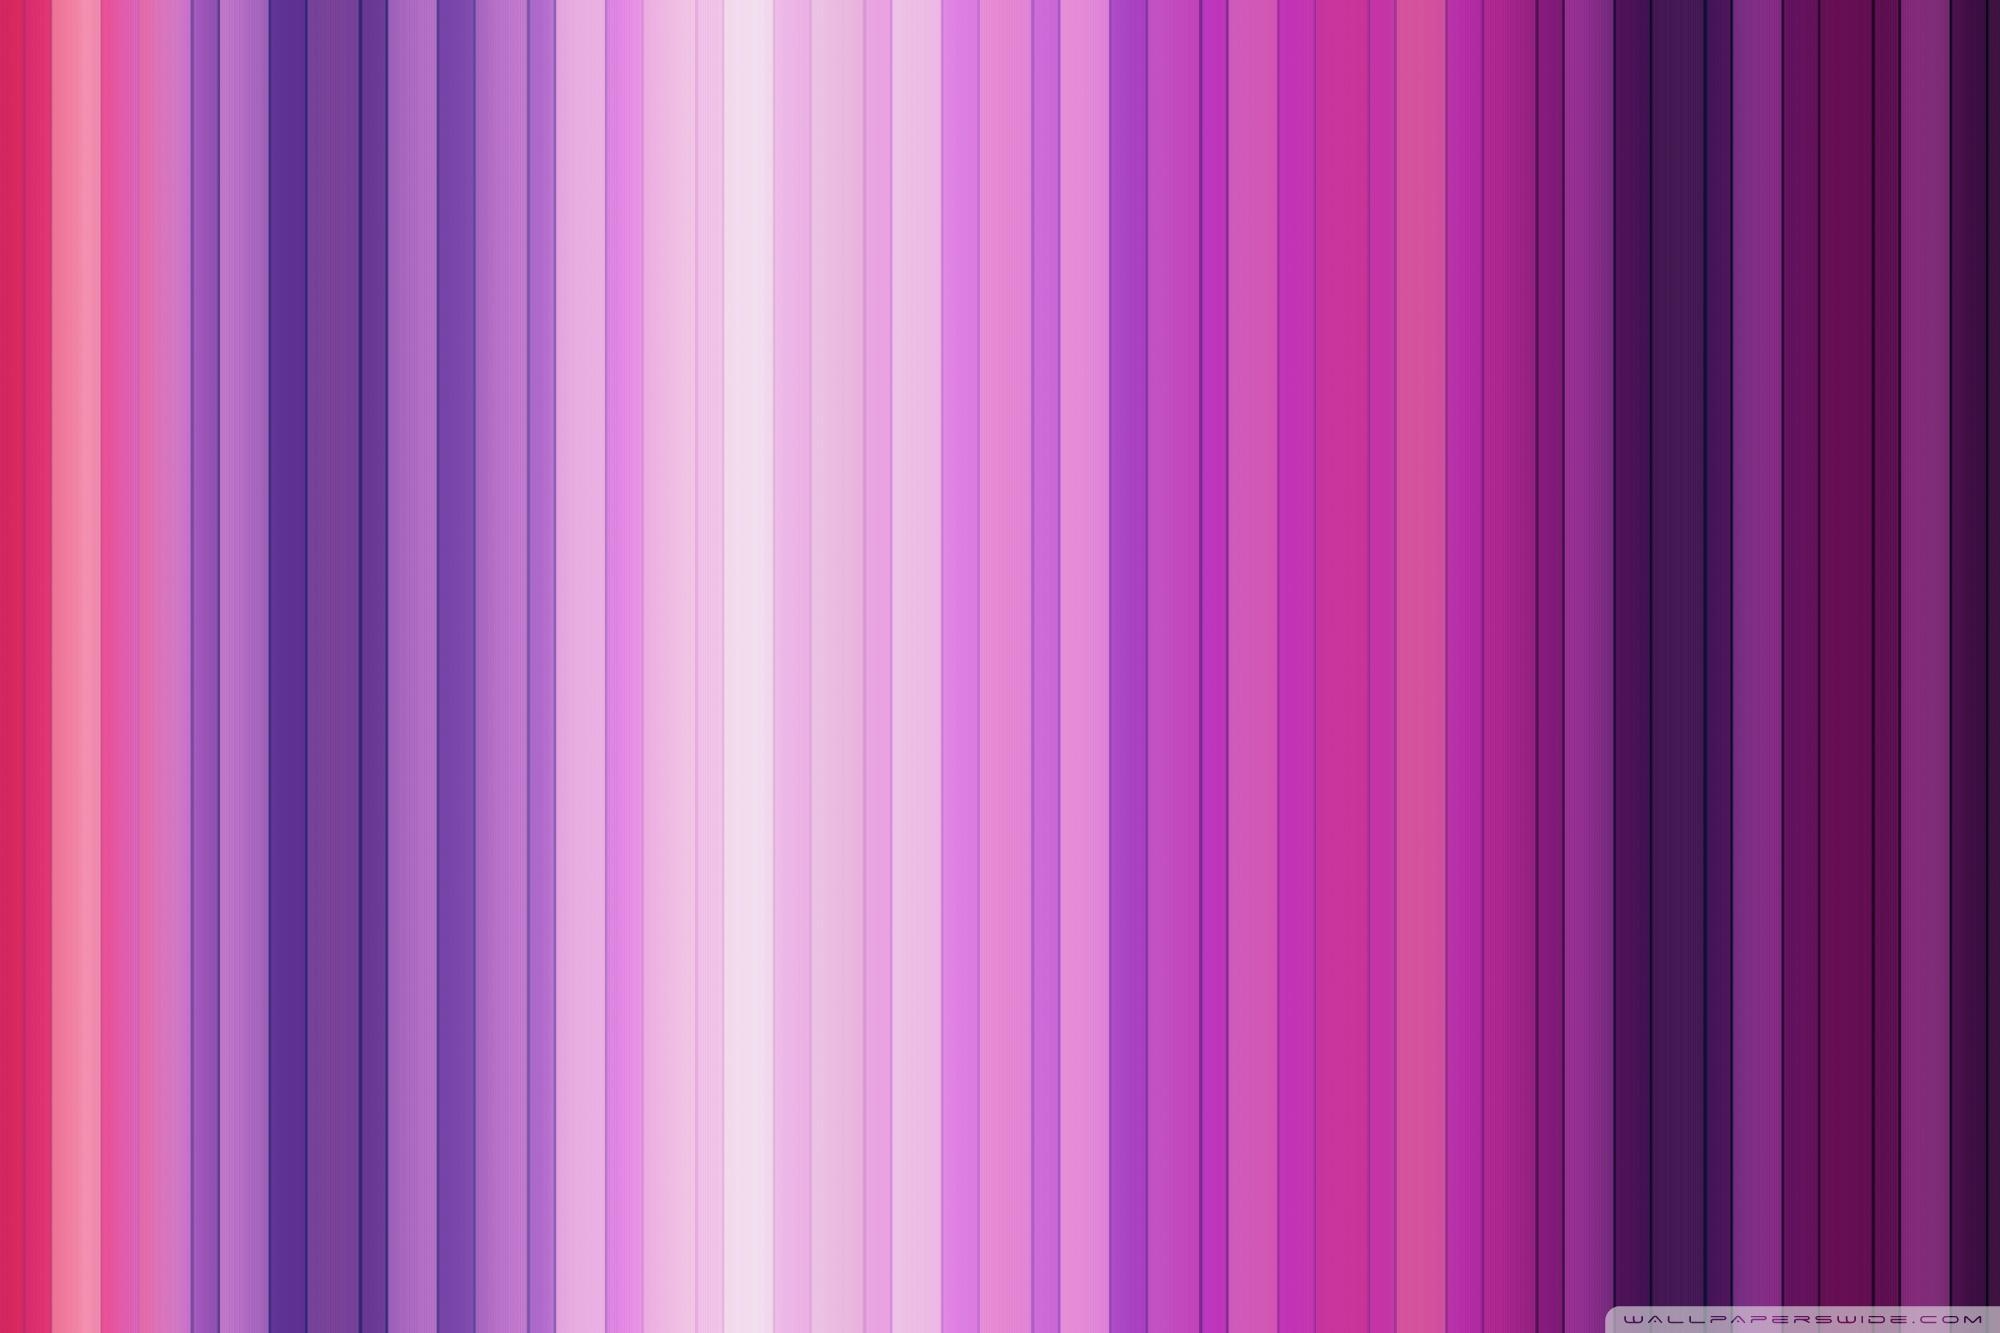 Shelf Wallpaper Iphone Pink Stripes Pattern 4k Hd Desktop Wallpaper For 4k Ultra